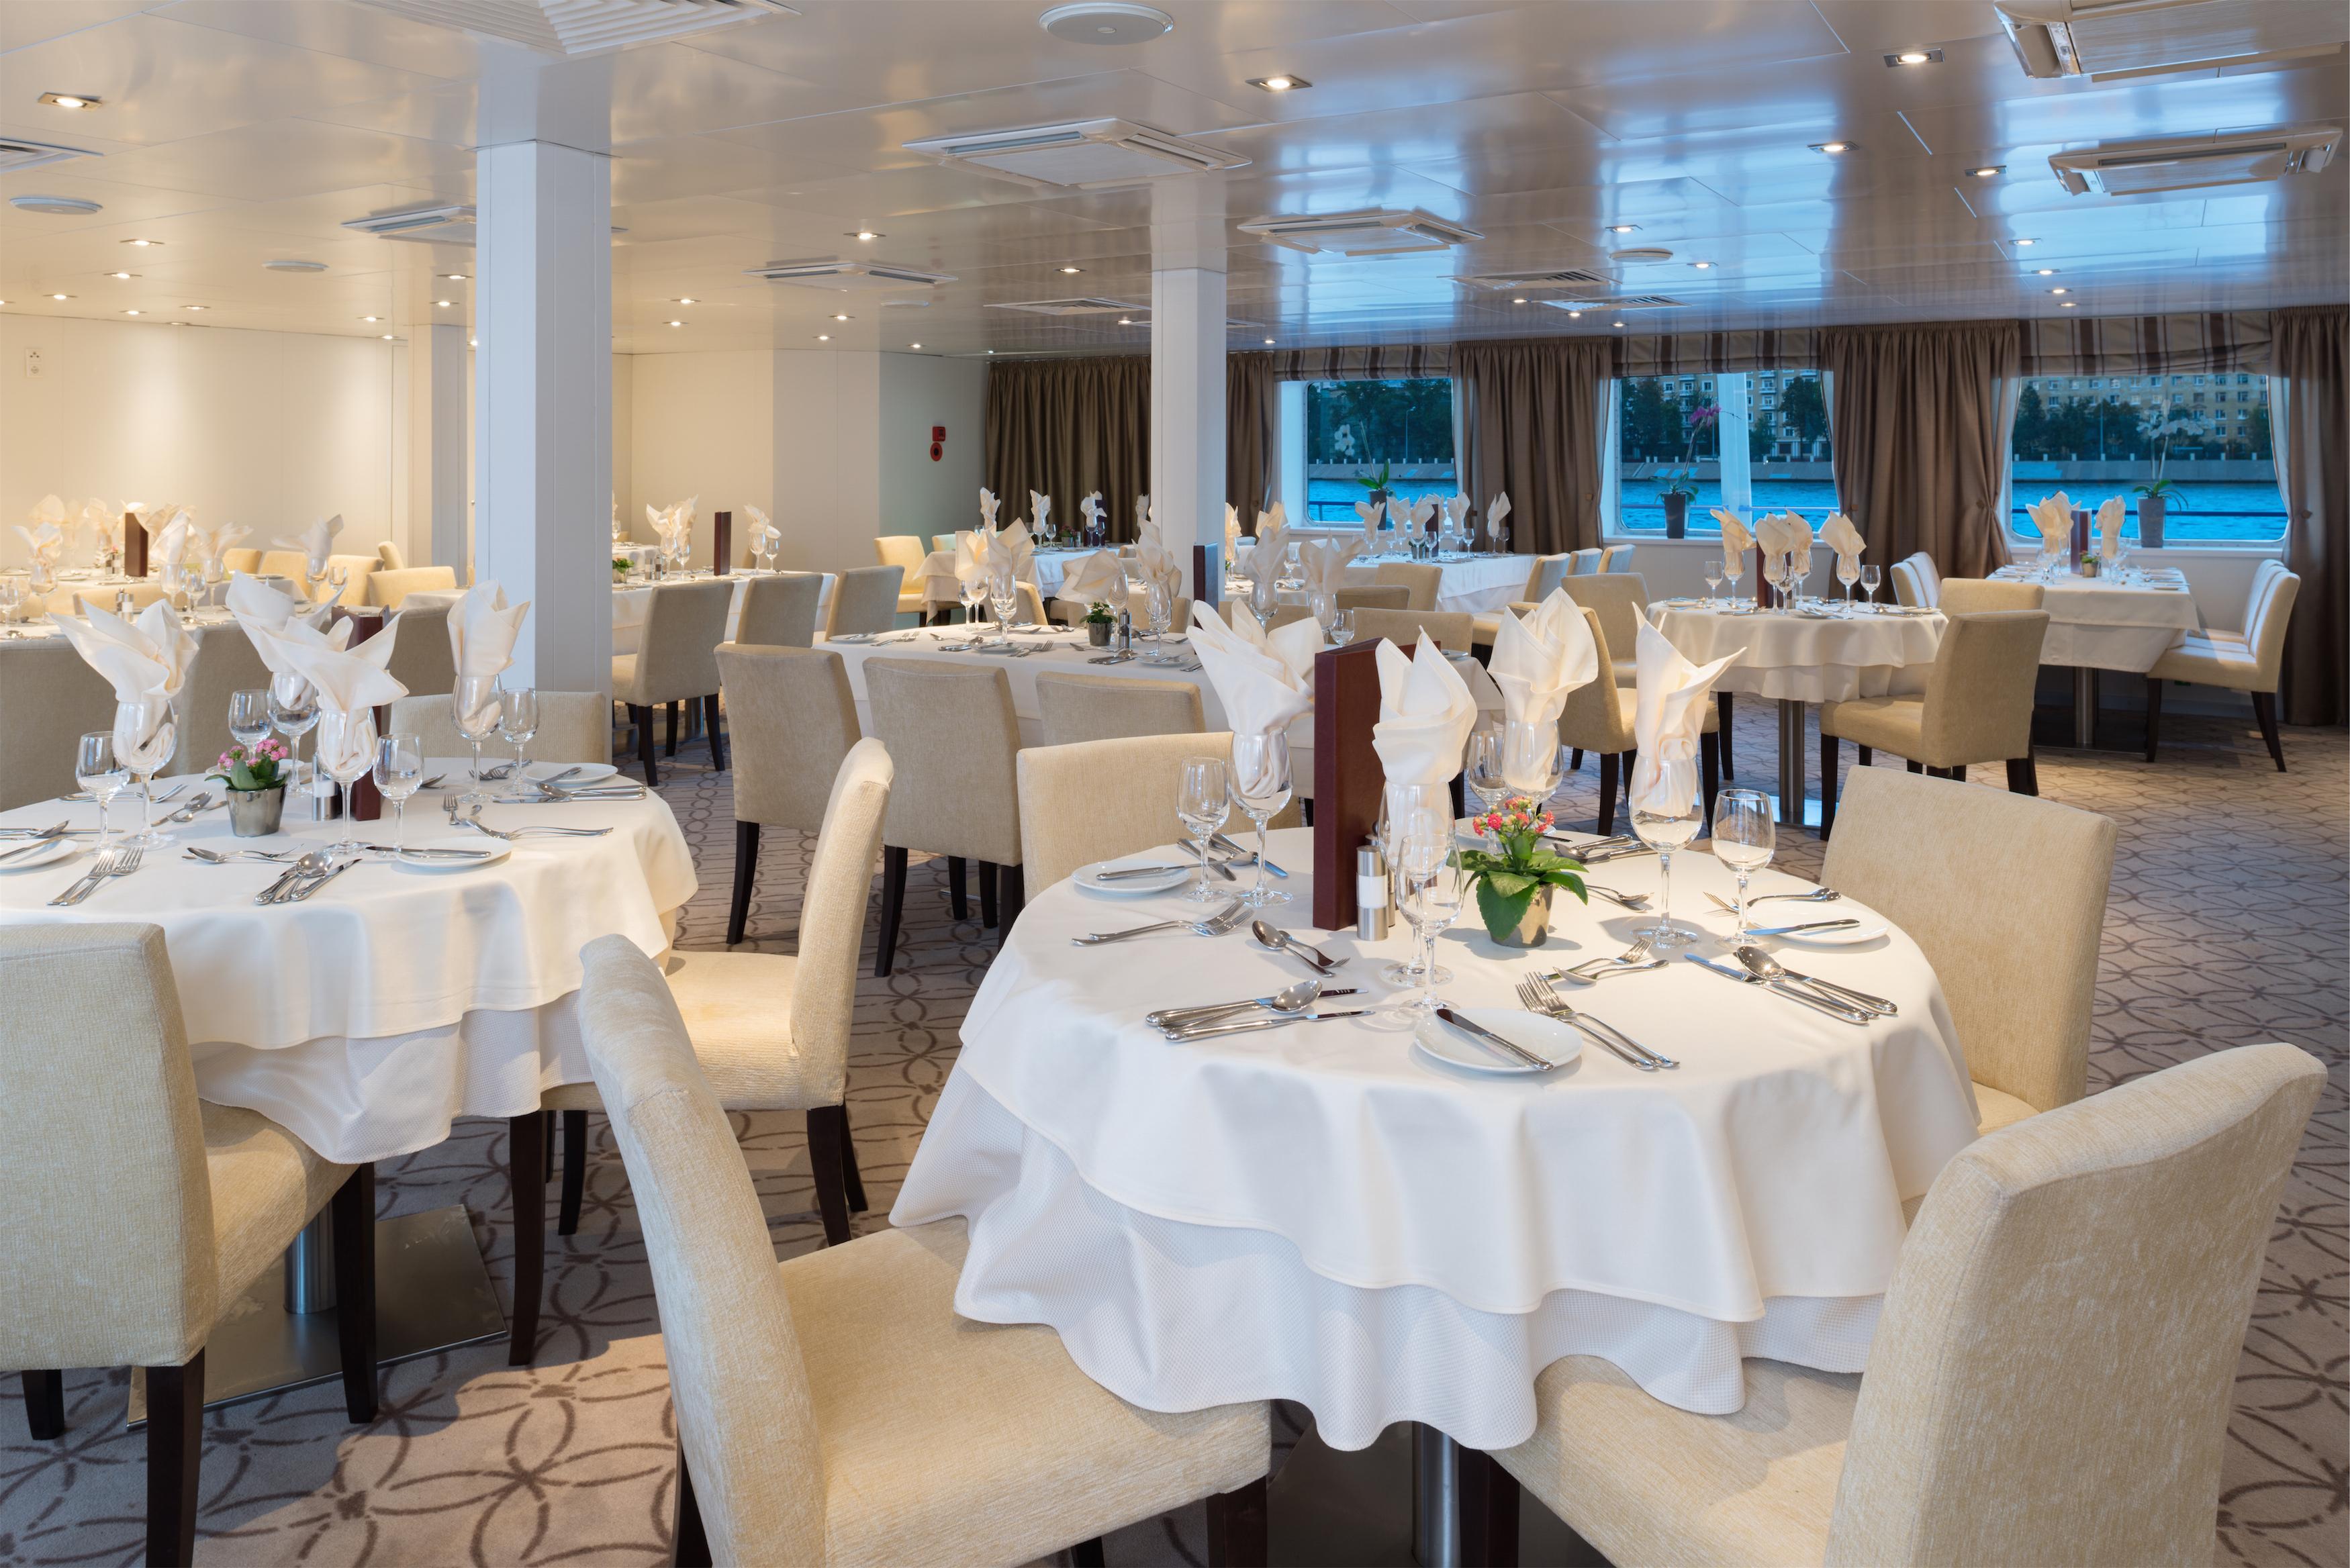 Scenic Tsar Interior Restaurant 8.jpg